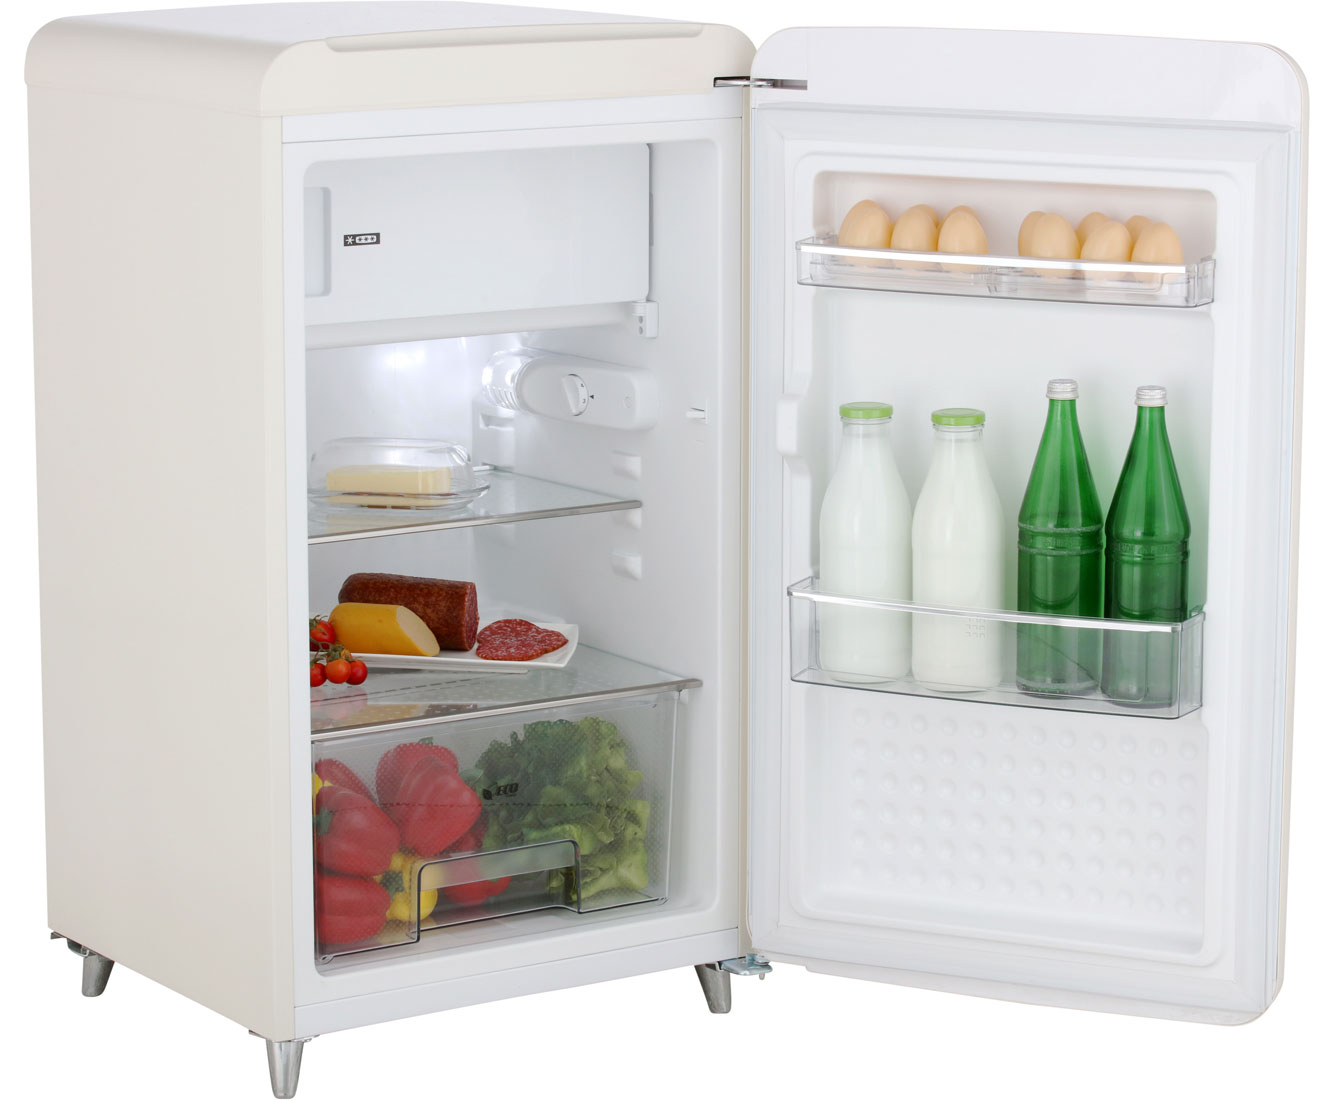 Gorenje Kühlschrank Stufen : Kühlschrank welche stufe reparatur liebherr gefrierschrank vereist